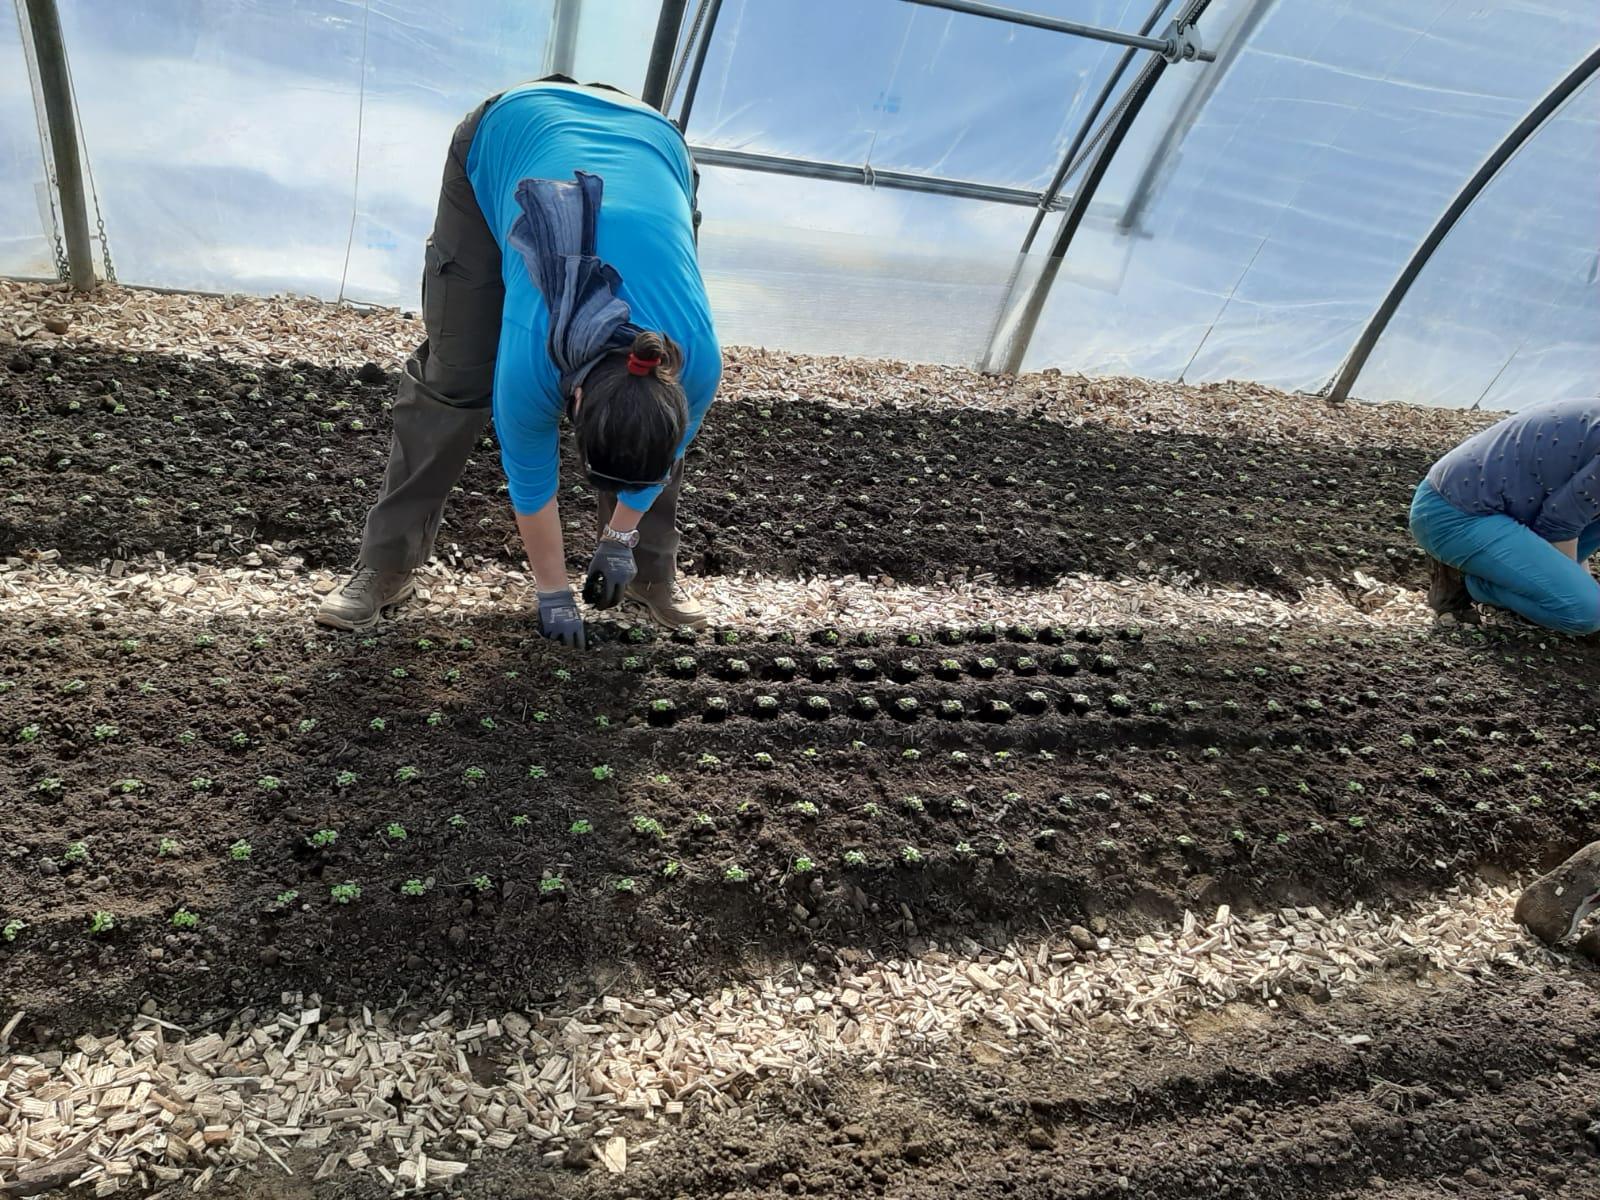 Anbau, Aussaat und Anpflanzaktion im Frühjahr